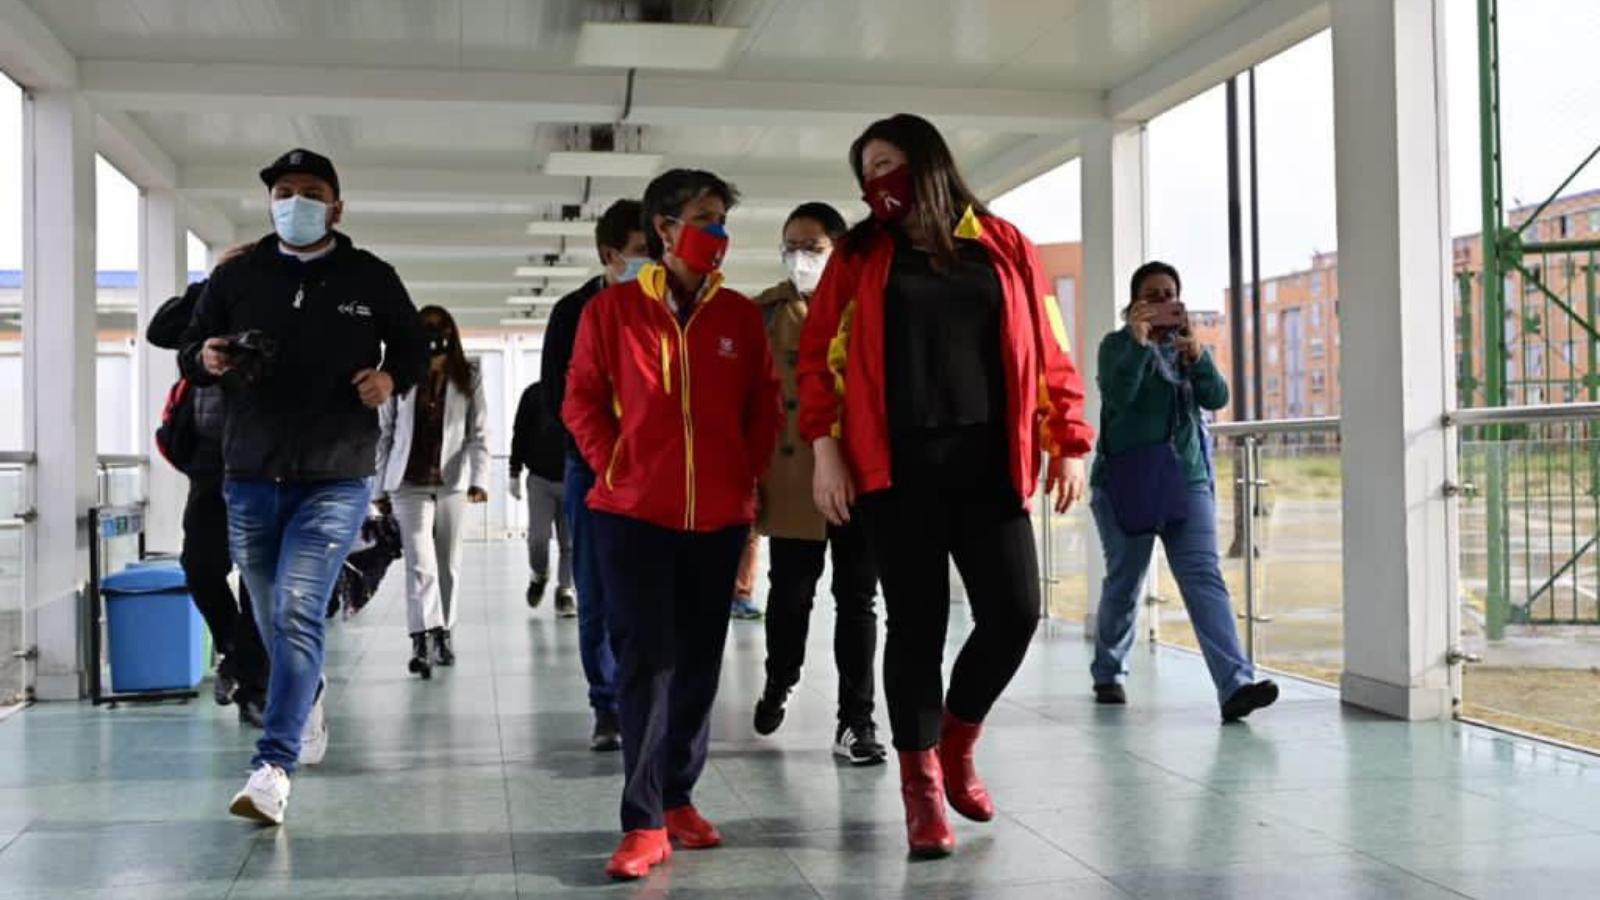 La CIDH condenó el discurso xenófobo de la alcaldesa López